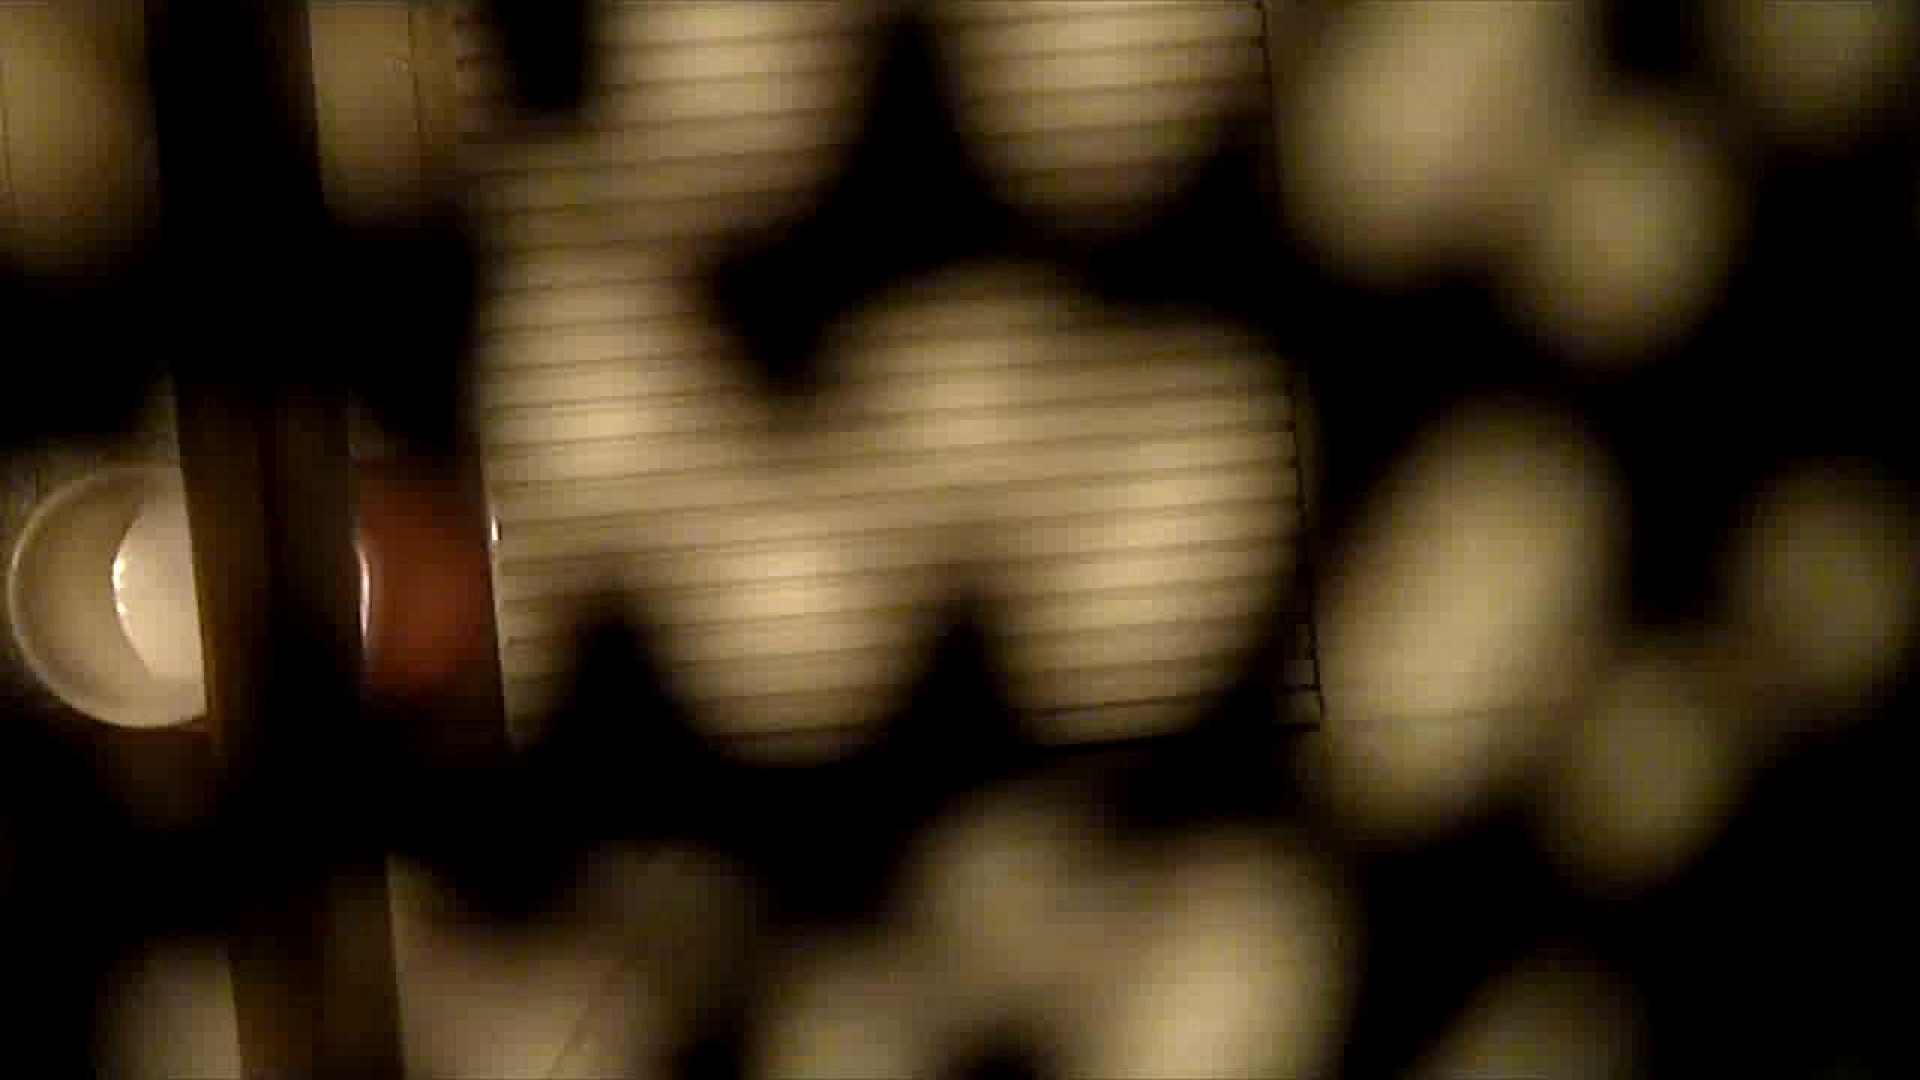 vol.1 Mayumi 窓越しに入浴シーン撮影に成功 入浴 おまんこ動画流出 60連発 47